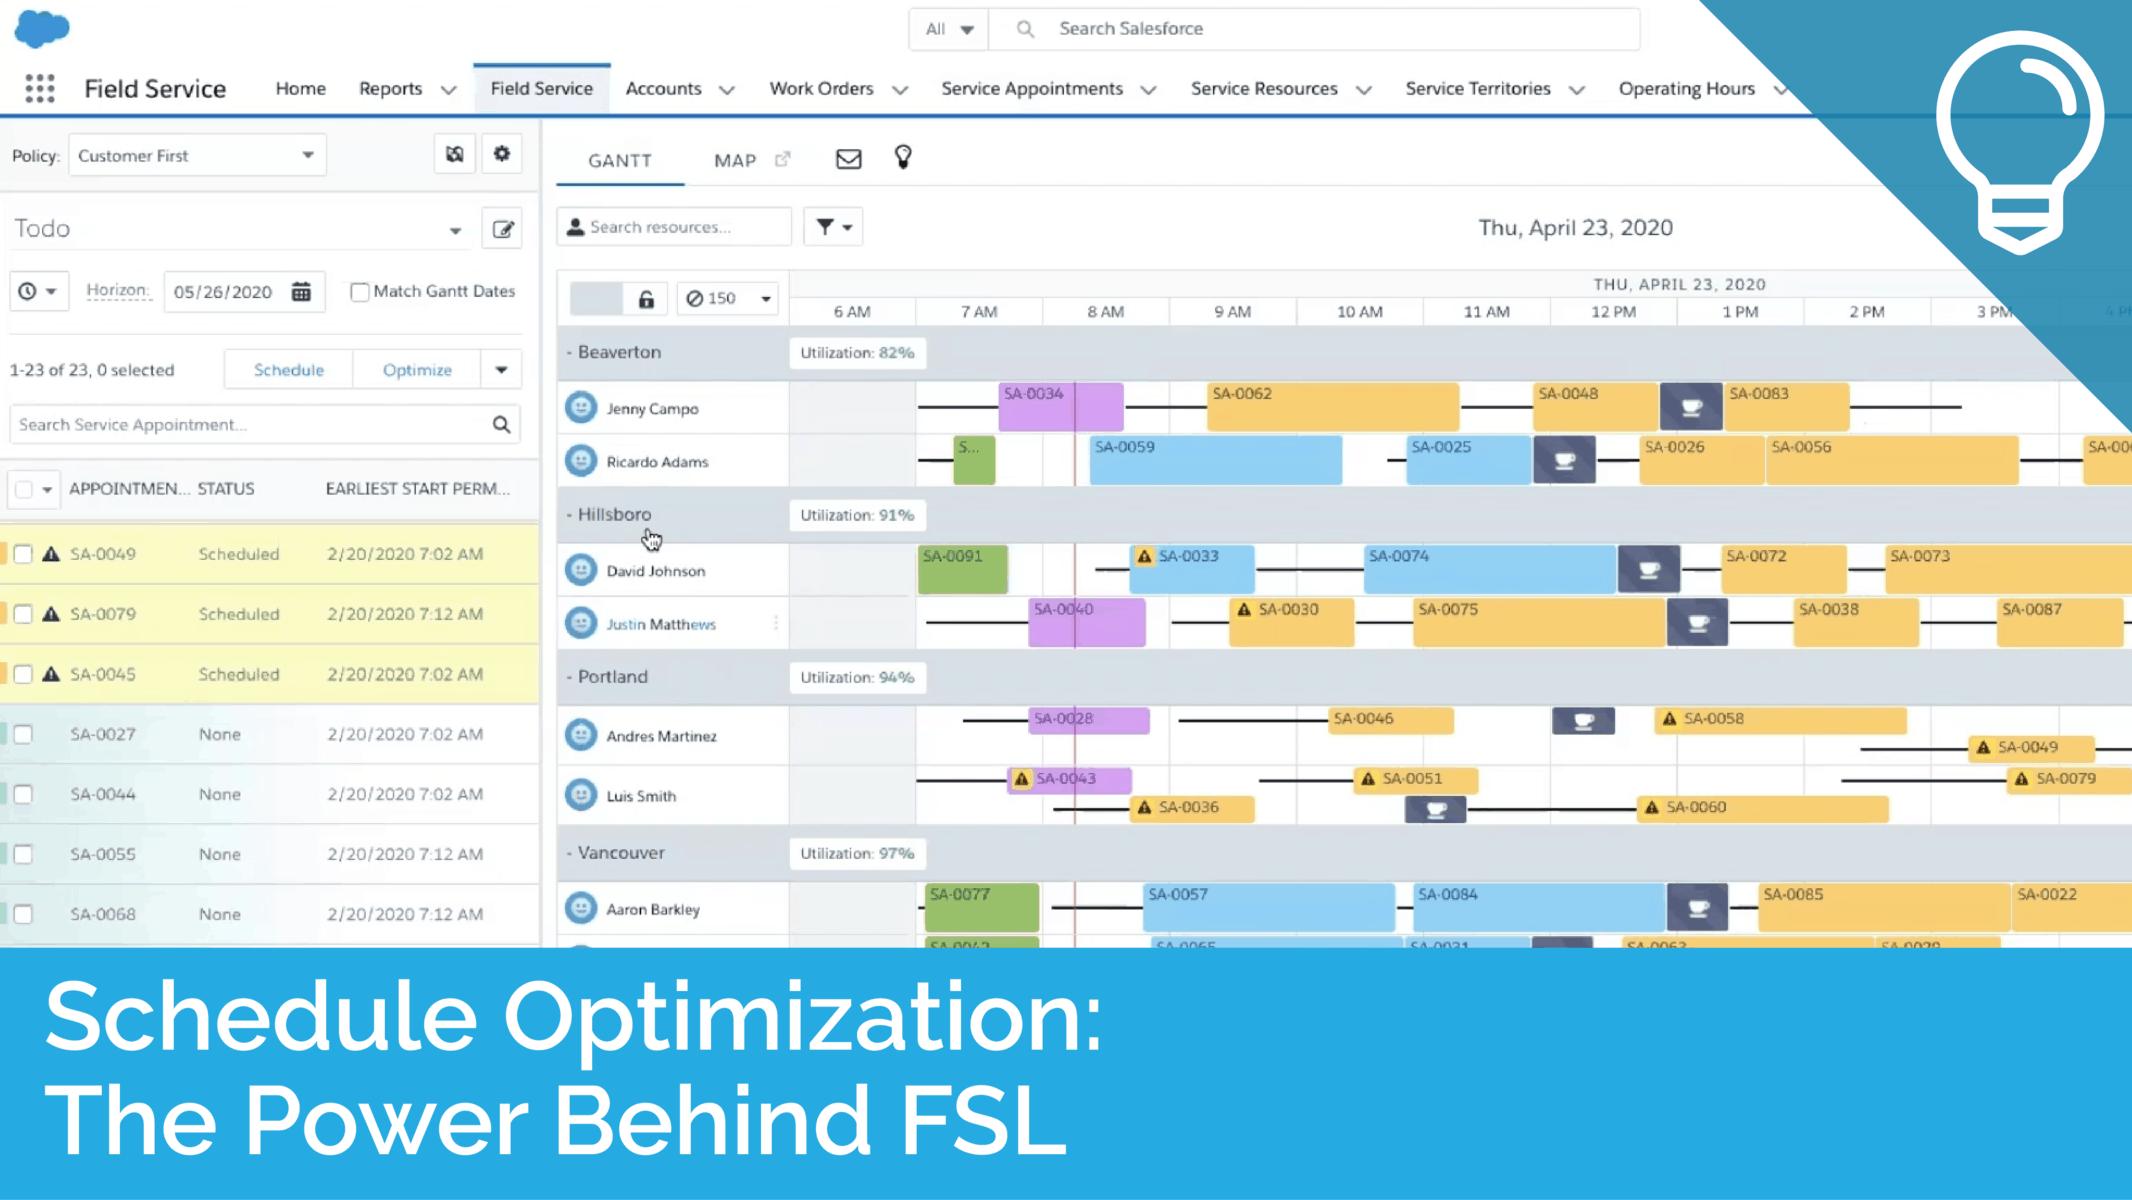 Schedule Optimization: The Power Behind FSL